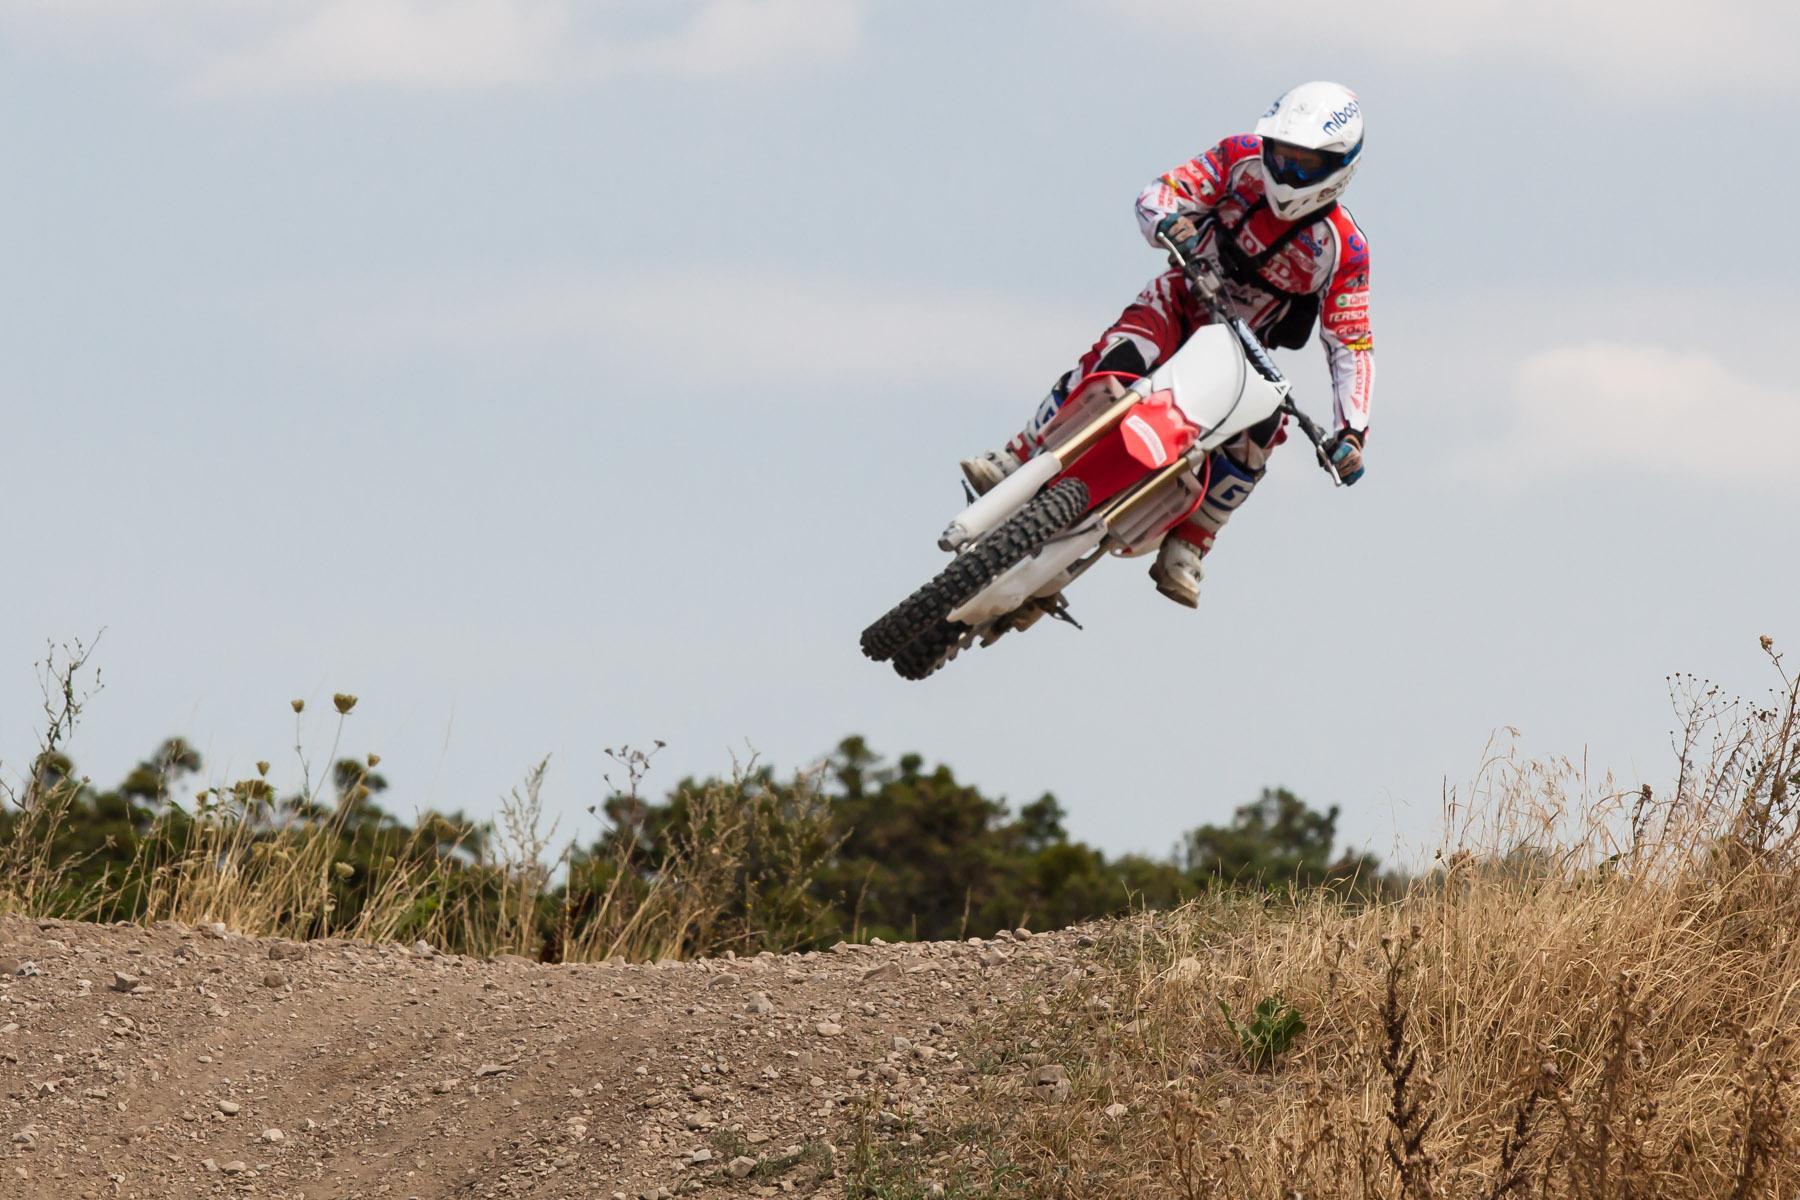 http://www.motorrad-bilder.at/slideshows/291/009959/honda_CRF205R_2013-72.jpg